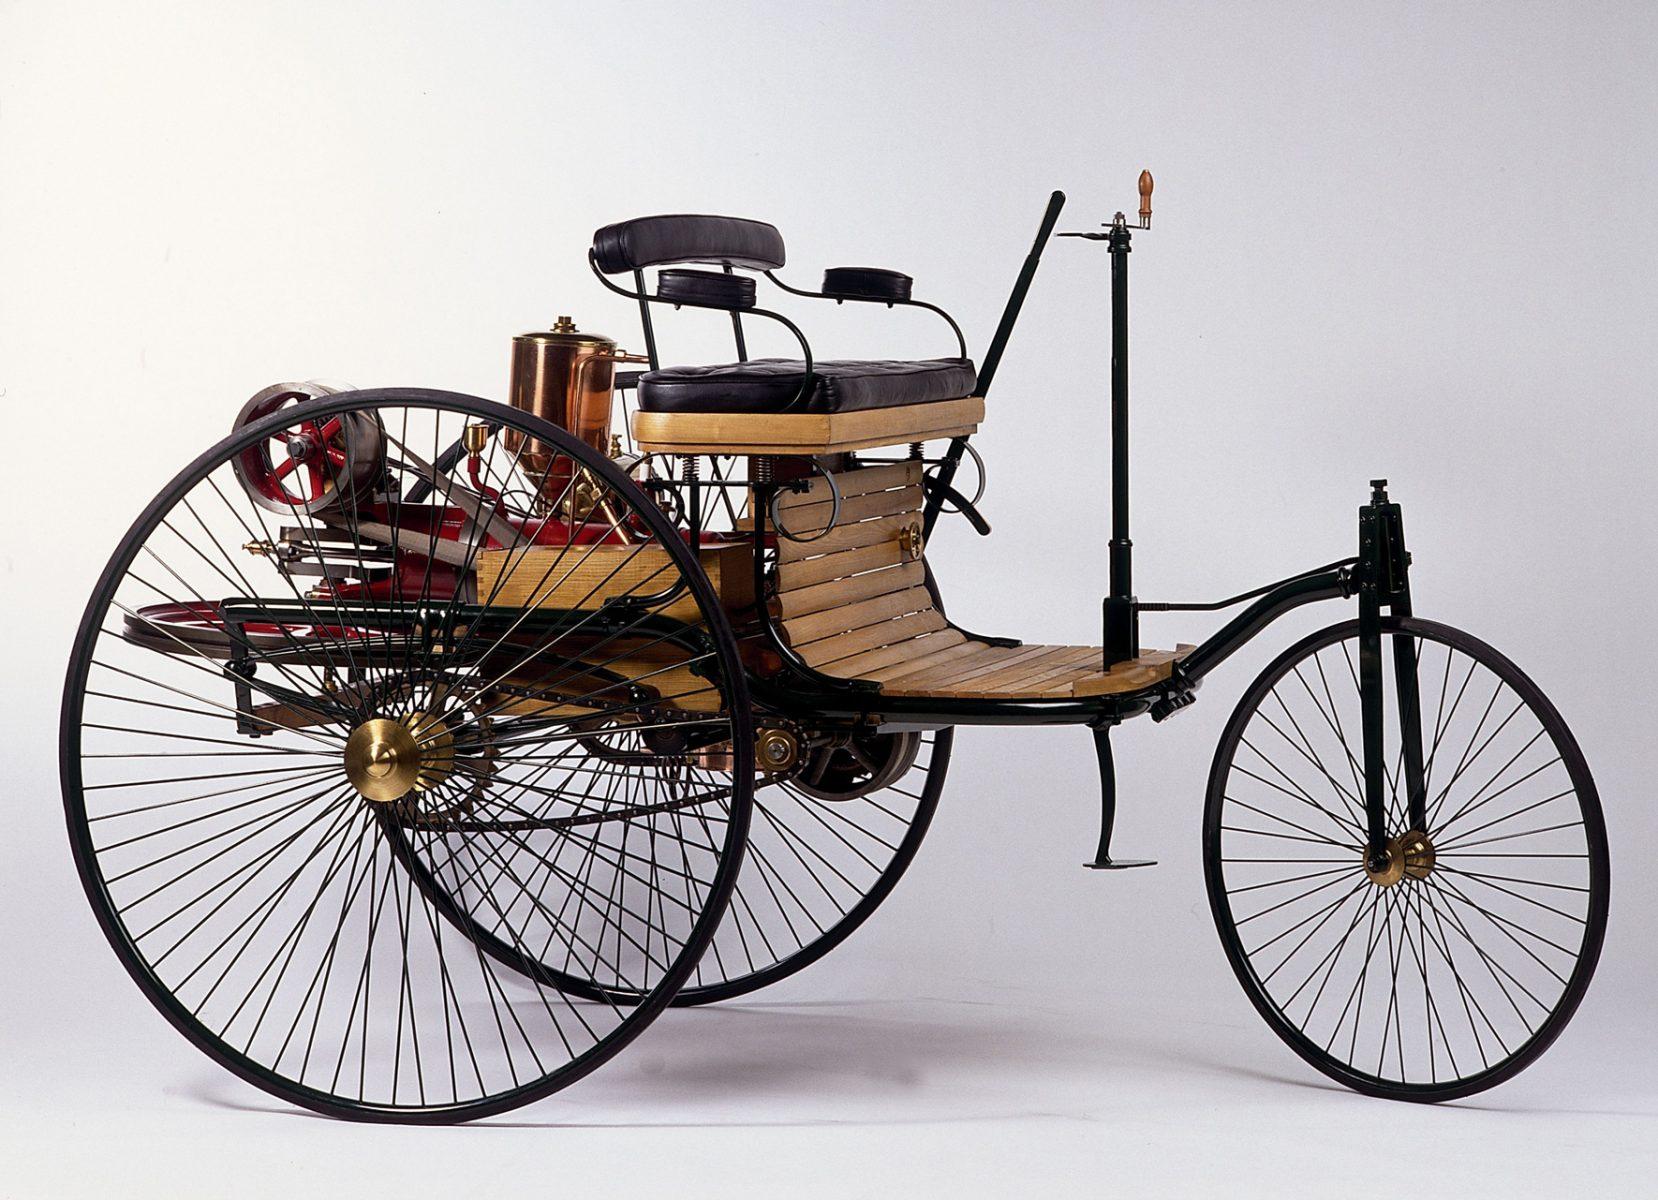 museu da mercedes benz patent motor car primeiro carro patenteado pela benz